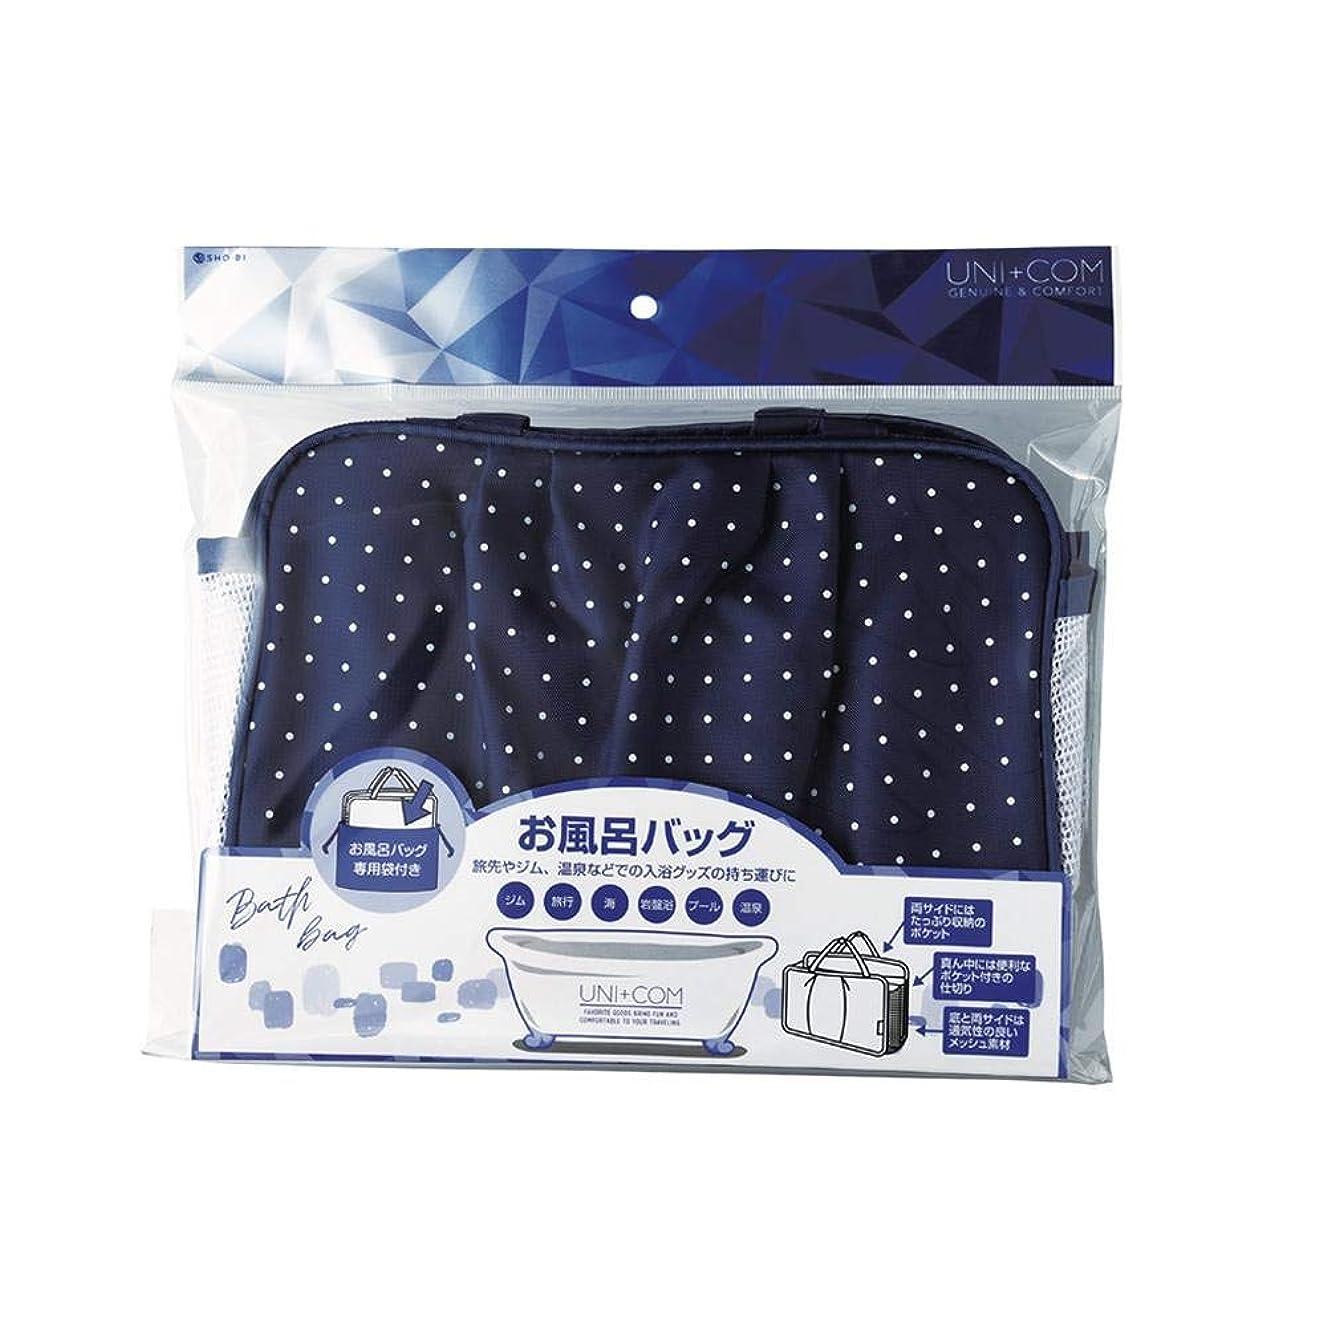 雷雨メンターおもちゃUNI+COM お風呂バッグ ドット UC40508